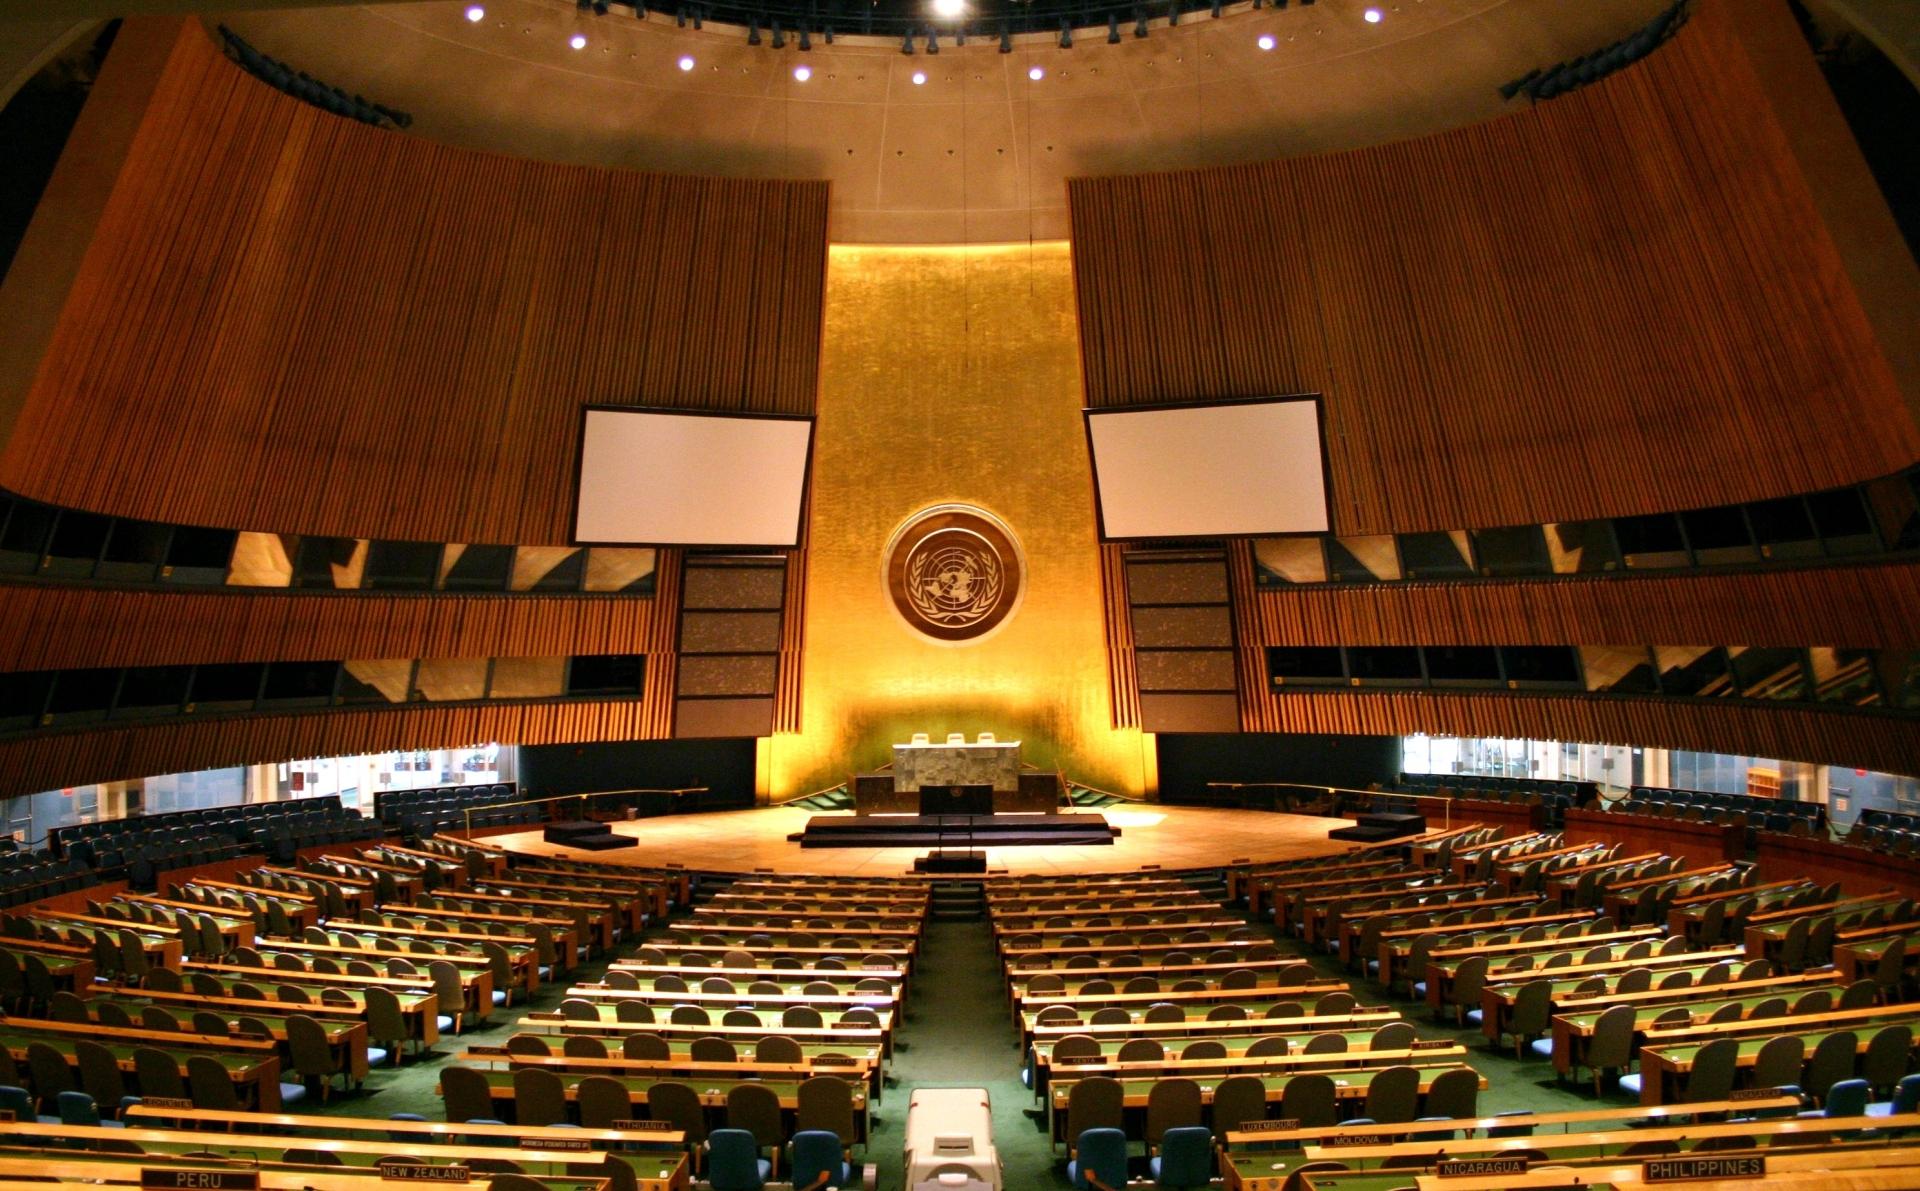 A New York si apre UNGASS 2016. Associazioni: Italia sia promotrice di dibattito onesto e a tutto campo.